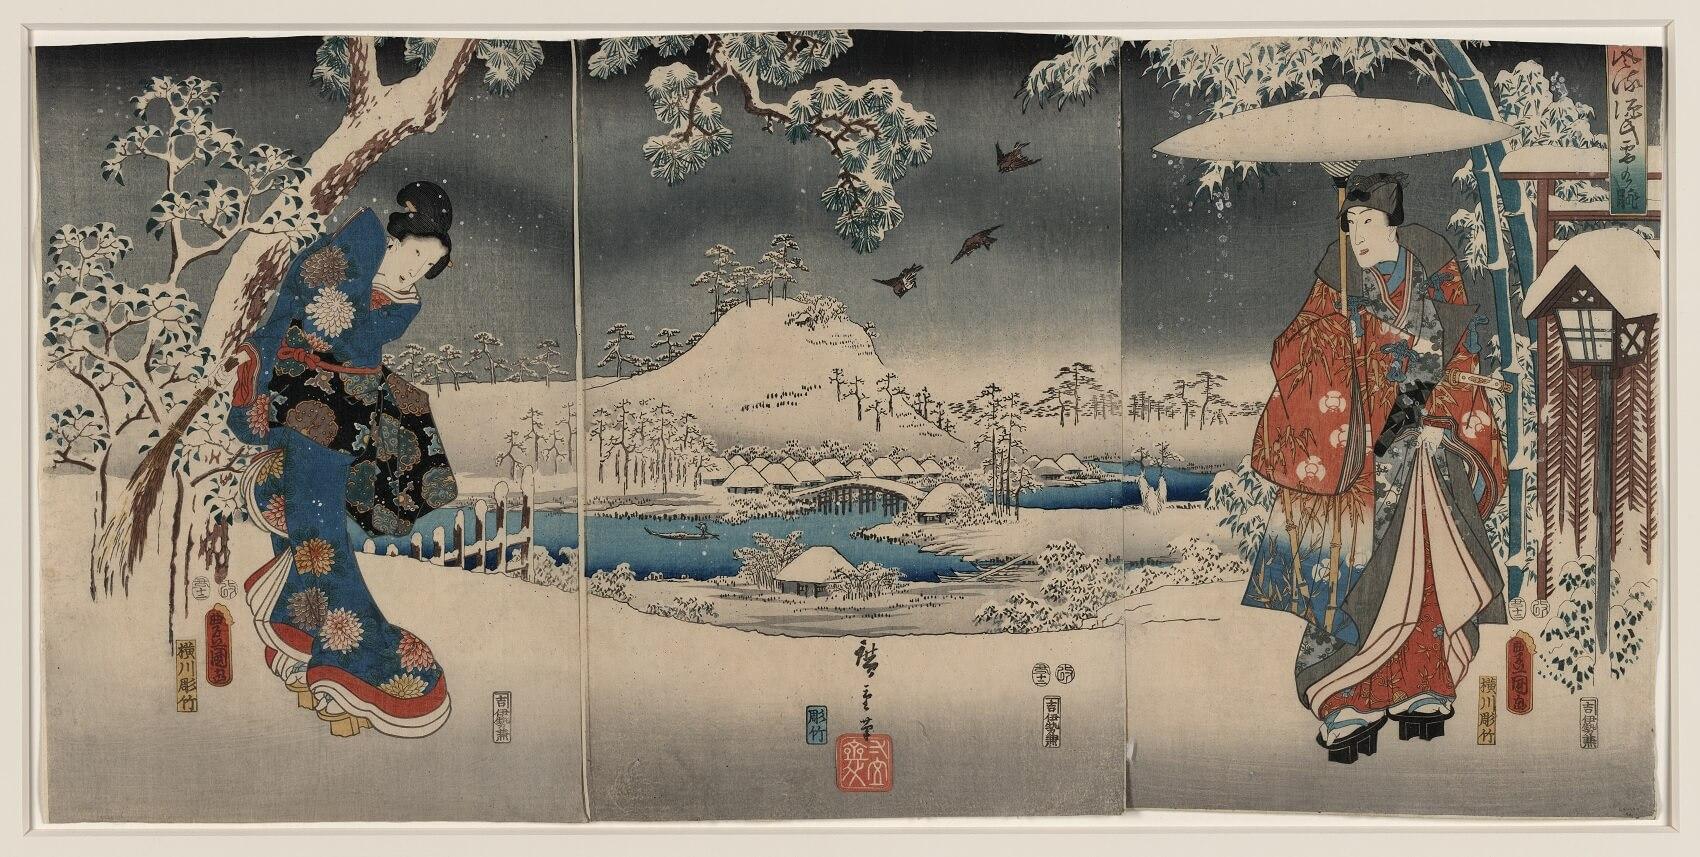 Leggende giapponesi sull'amore, storie romantiche dal Giappone